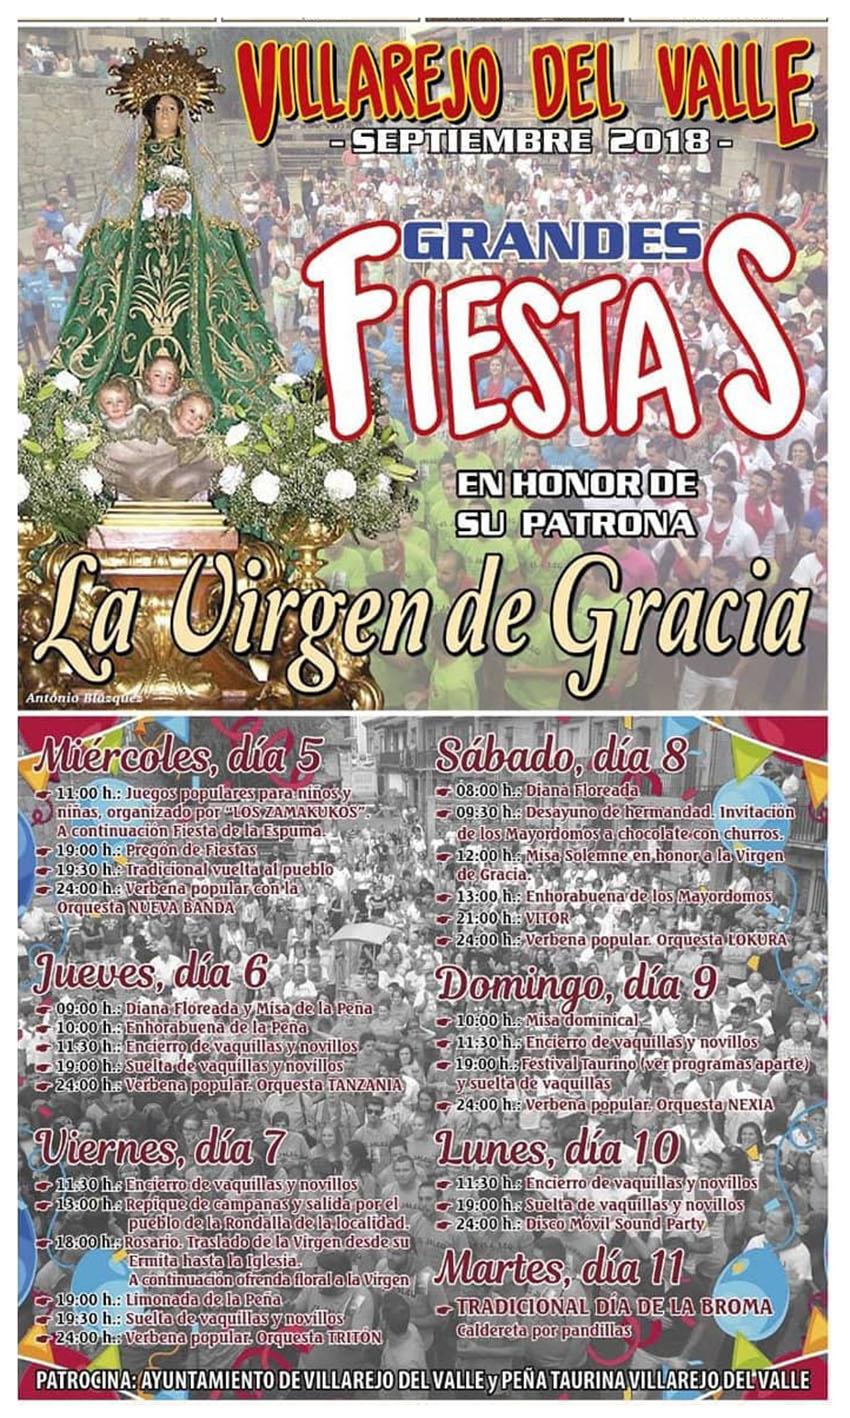 Fiestas de la Virgen de Gracia - Villarejo del Valle- TiétarTeVe